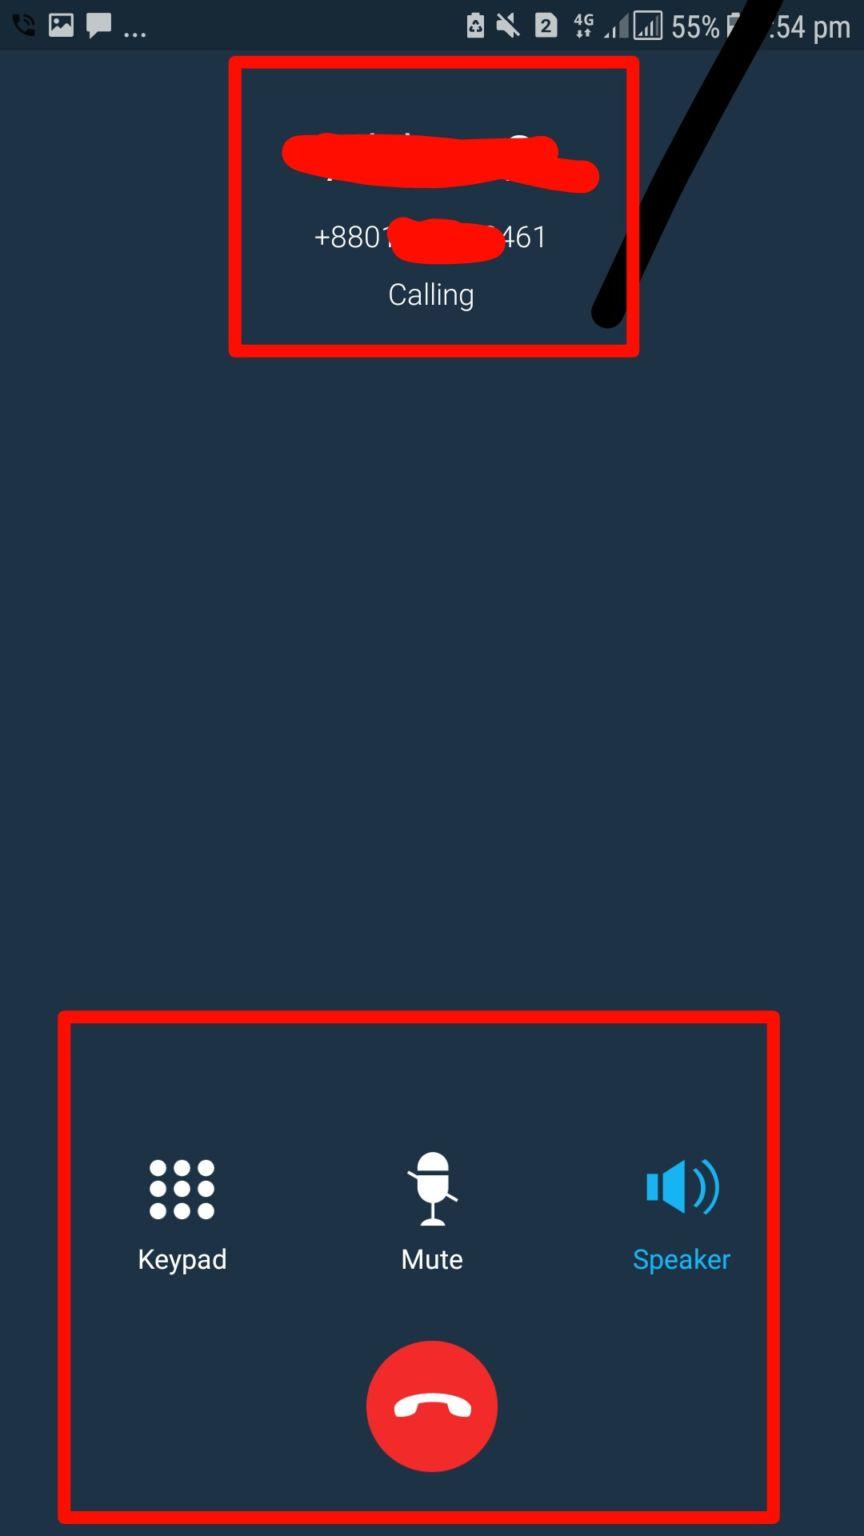 যেকোন নাম্বারে দিনরাত 24 ঘন্টা ফ্রী কথা বলুন কোন প্রকারের সমস্যা ছাড়াই.. [Best Free Calling App]